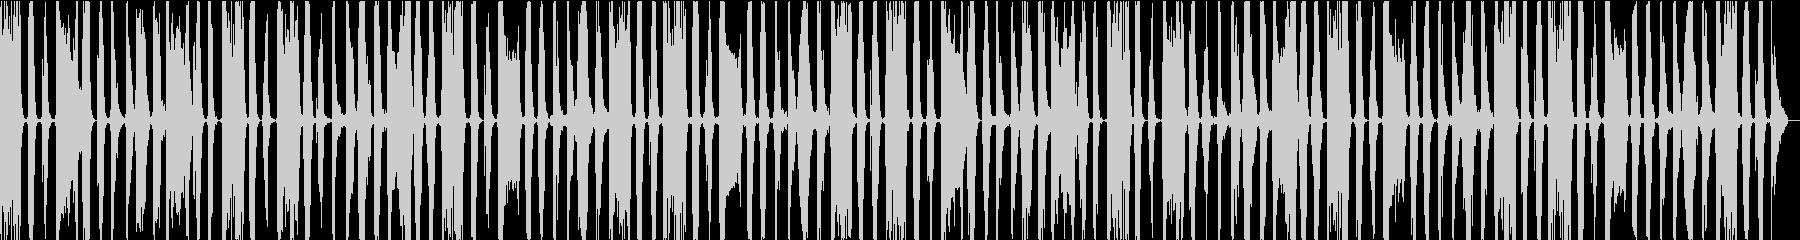 ボイスパーカッション・ビートボックス_1の未再生の波形